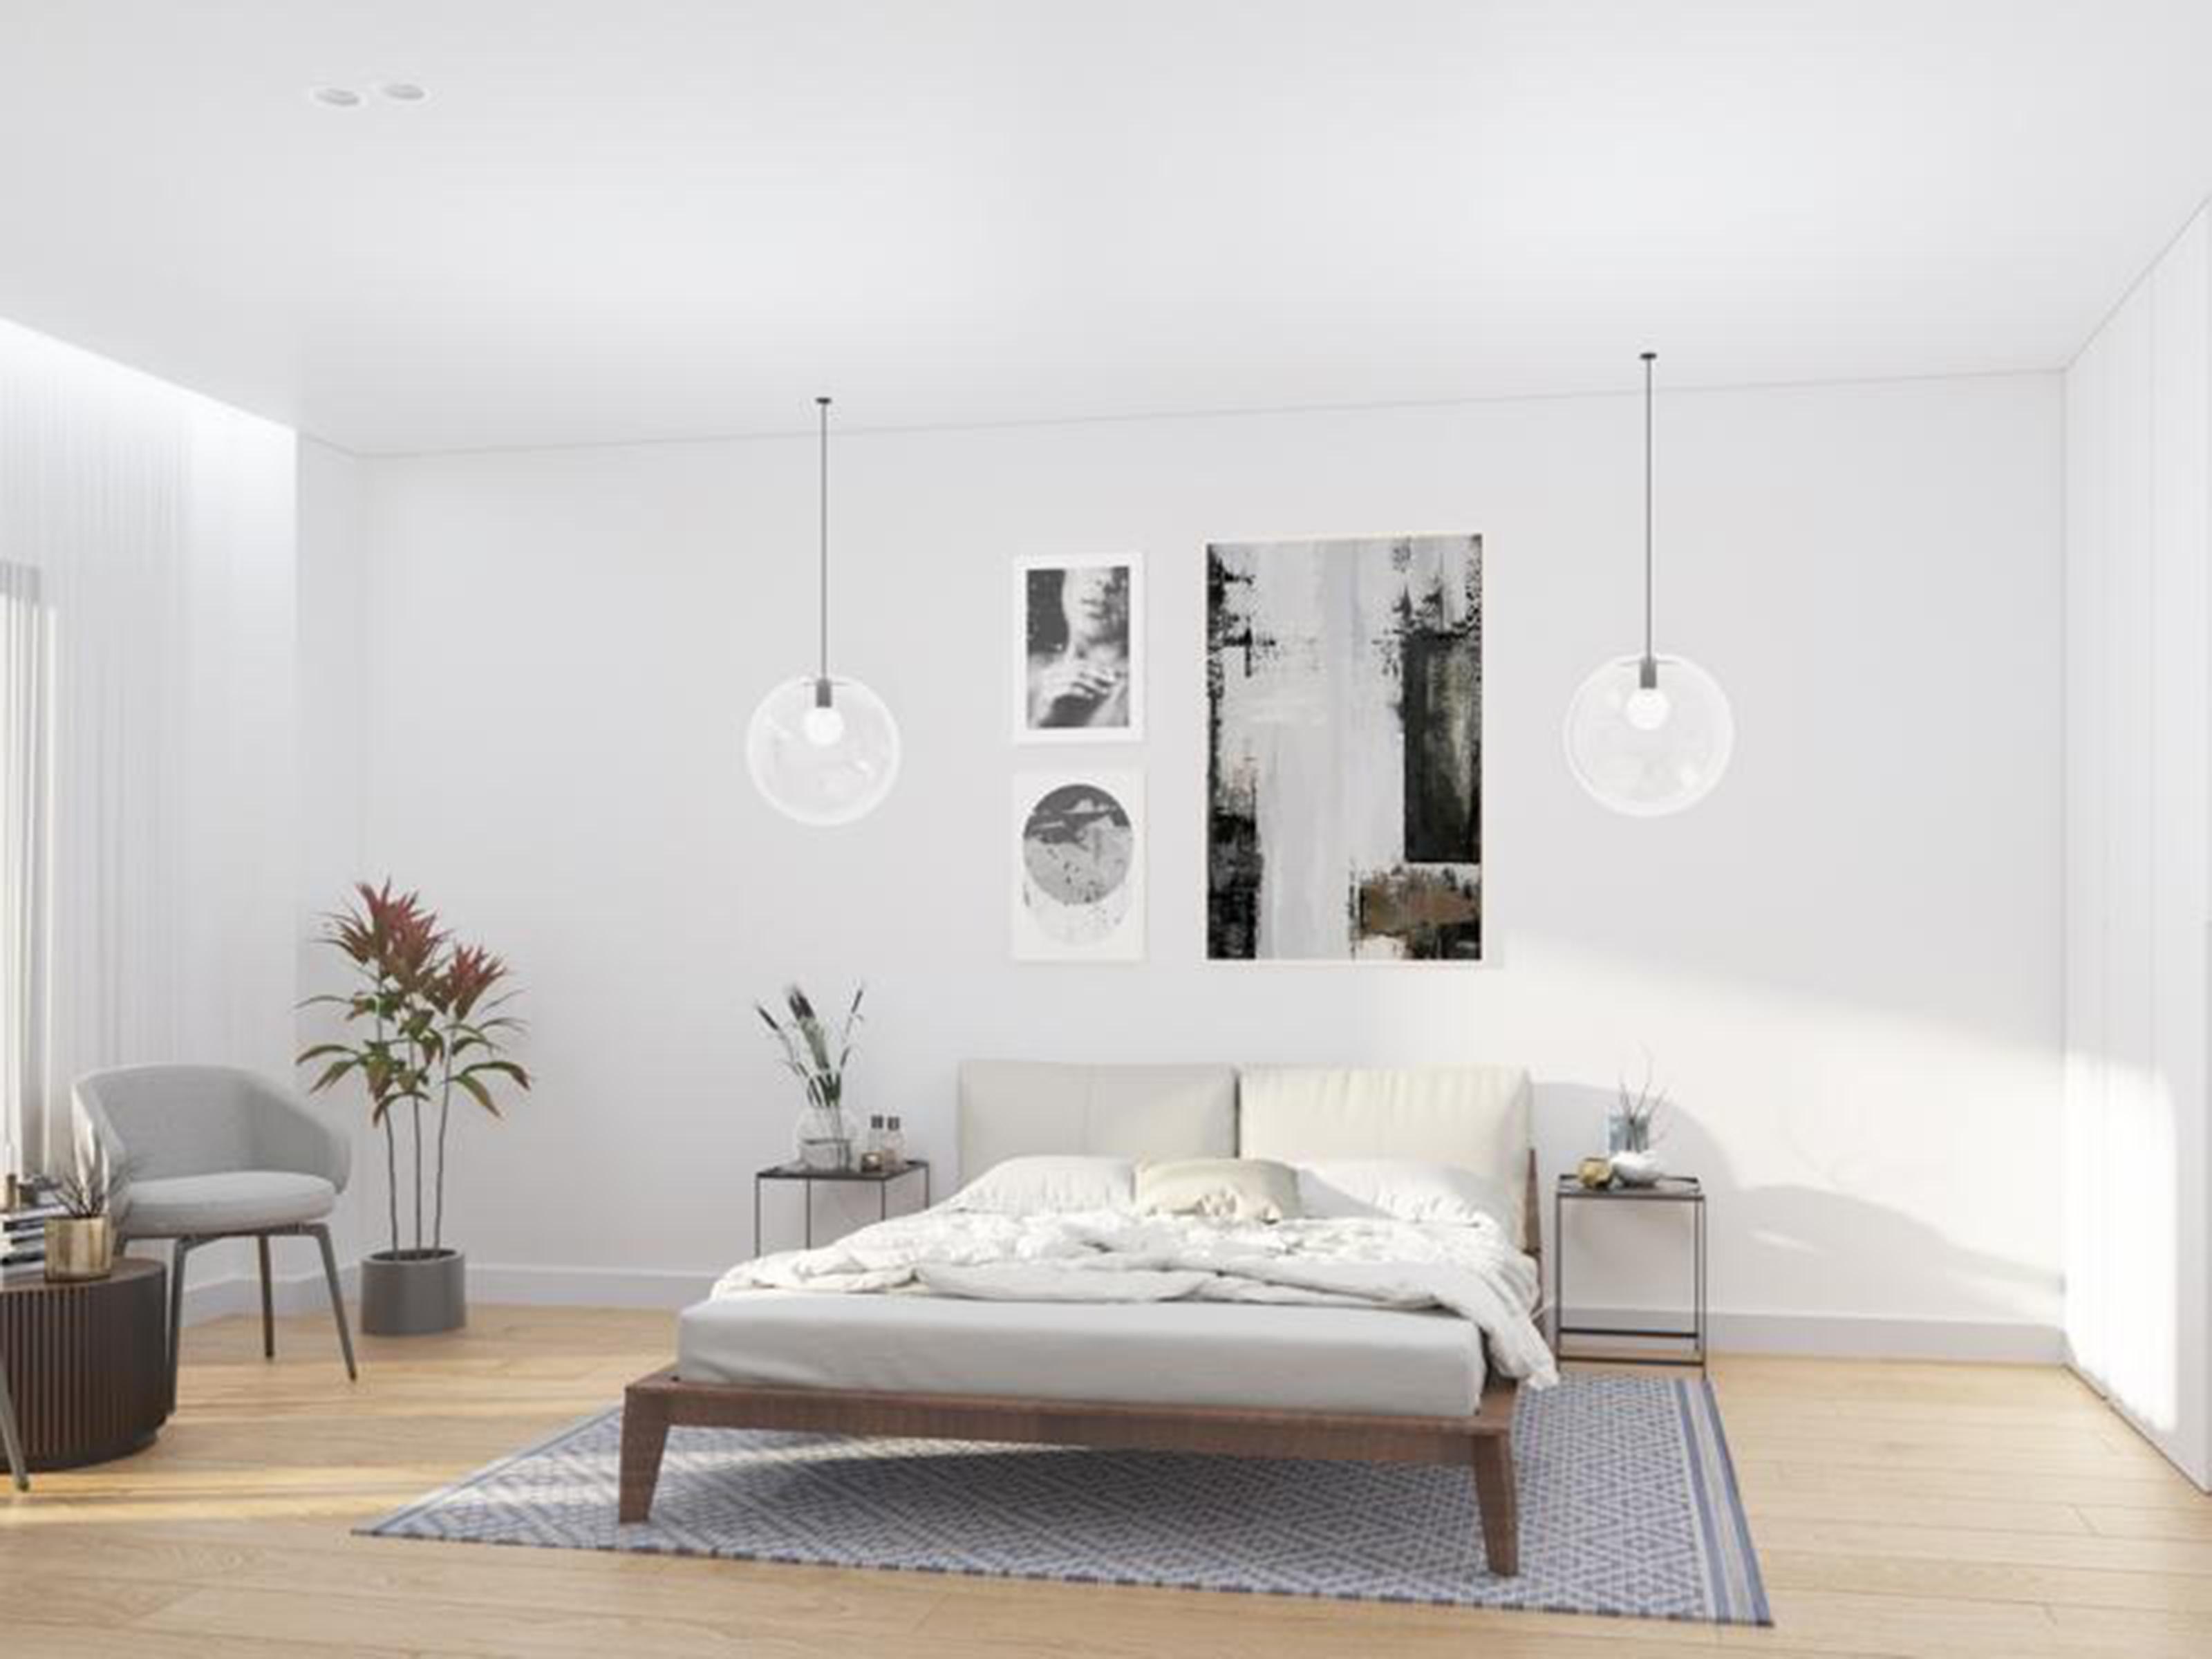 למכירה-דירת 4 חדרים, בבנייה, מטרופולין ליסבון